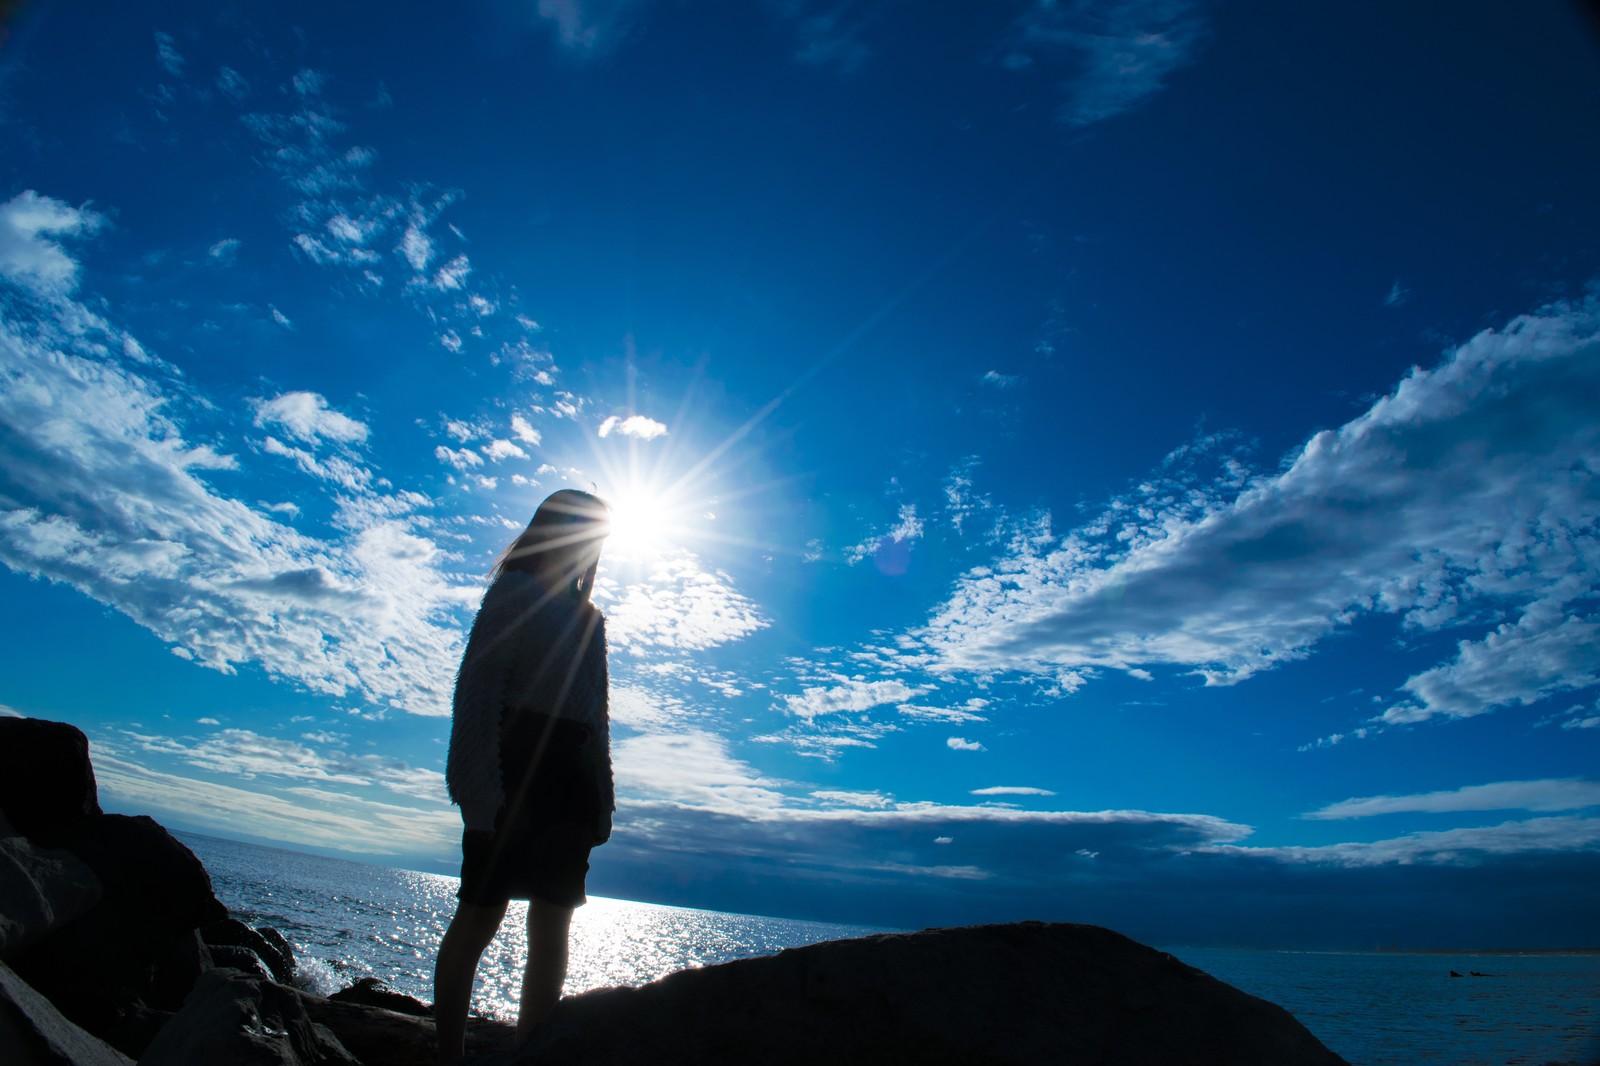 仕事を辞めたい人がまず行わなくてはならない7つのこと。辞めるか辞めないかの答えはそれからだせばよい。